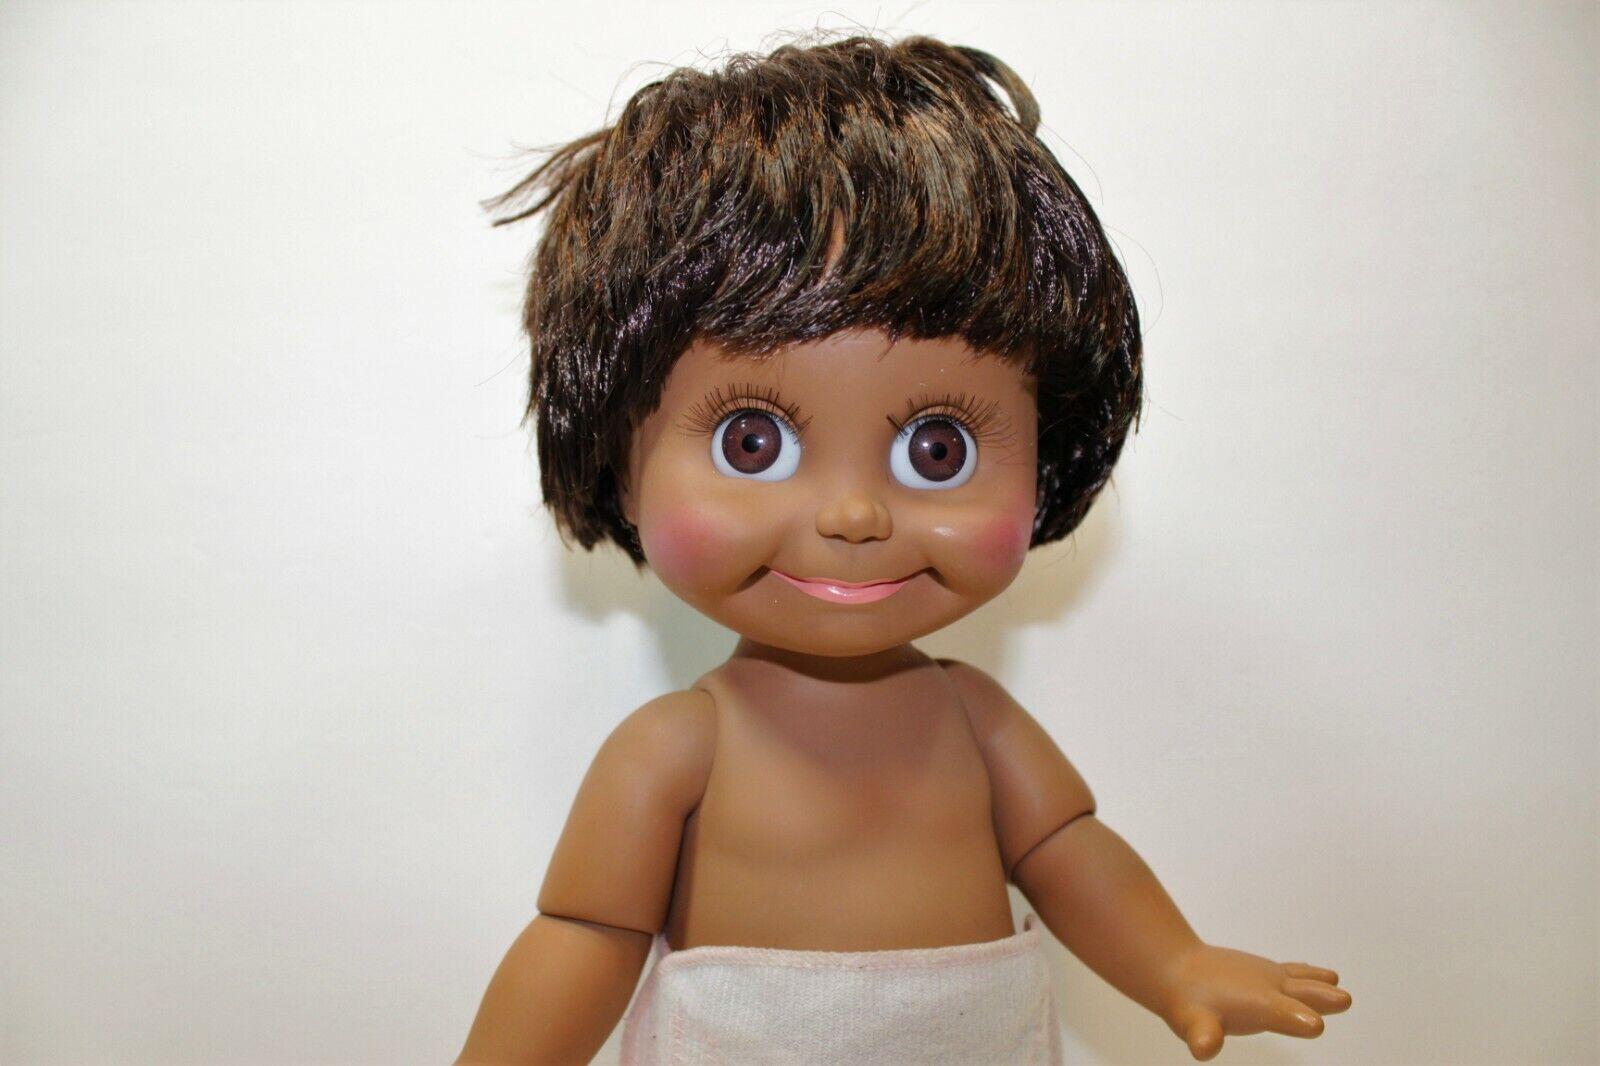 Galoob Cara de Bebé Muñeco tan tímido Sherri Rara Vintage 1990 Lgti cabello castaño y ojos